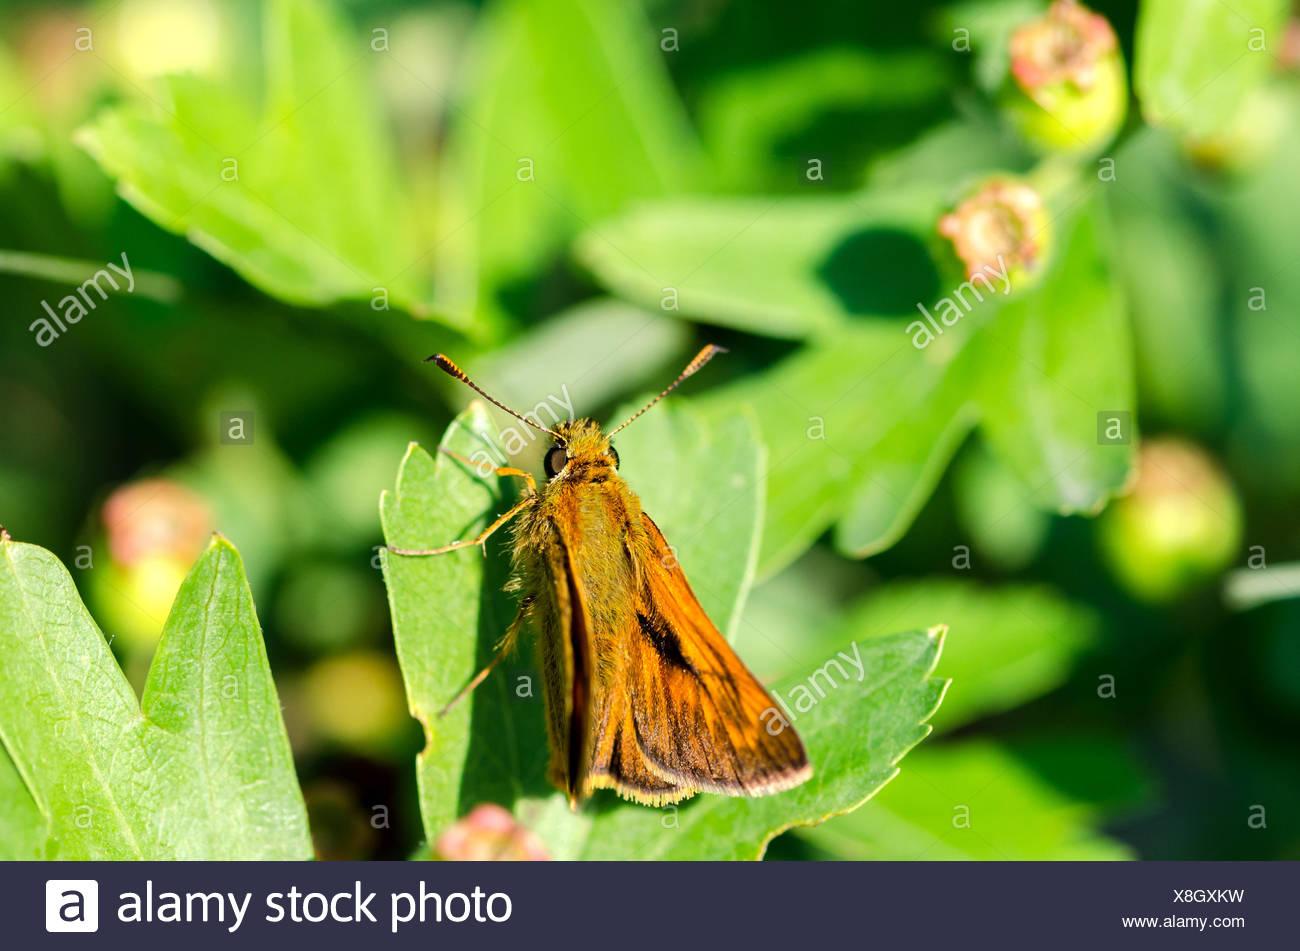 Schön Frühling Schmetterlinge Färbung Seiten Fotos - Druckbare ...